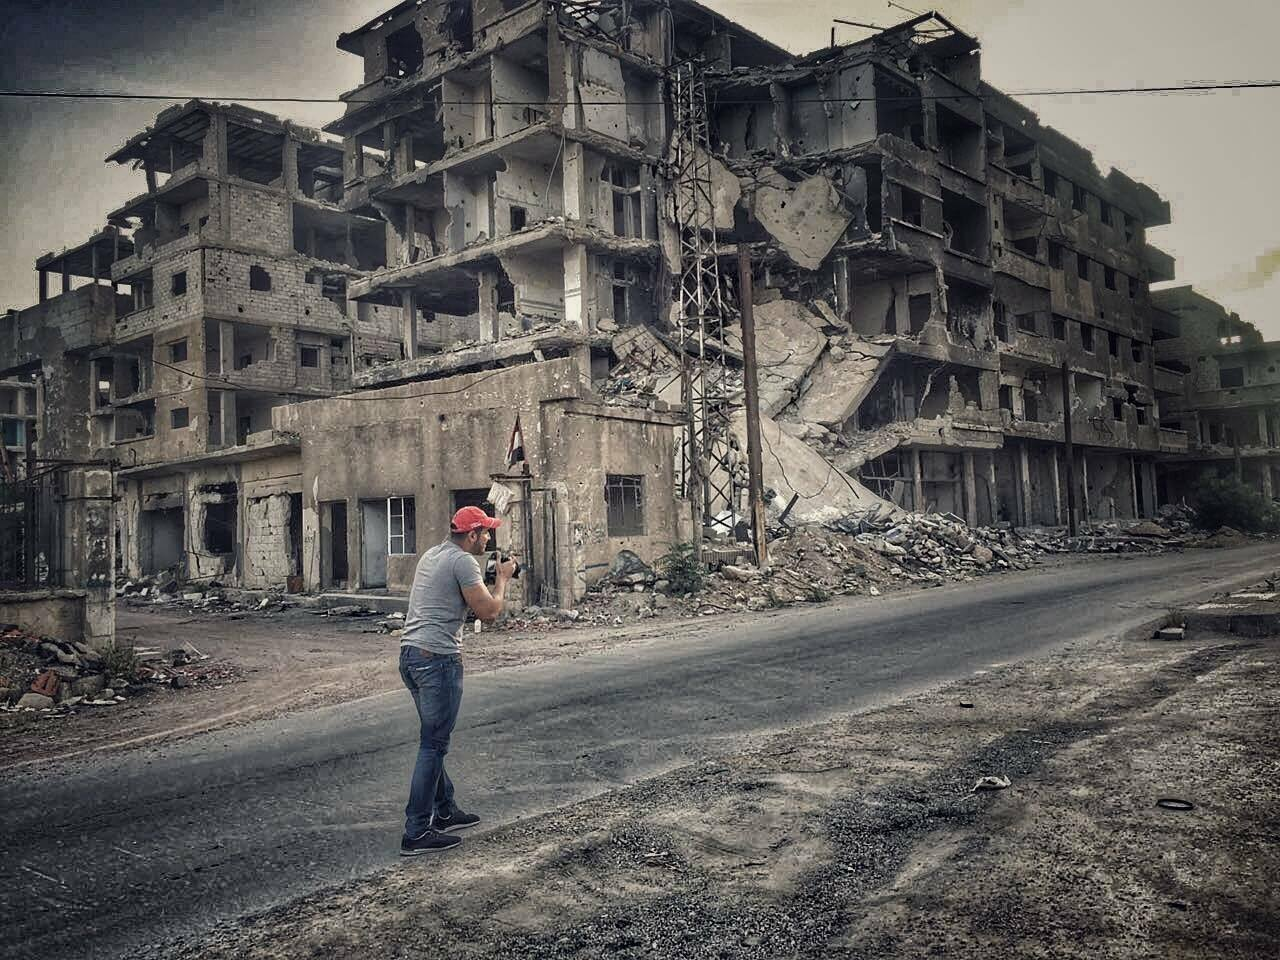 خاص | ستيف للجمهورية: استاذي البريطاني هو من قيمني .. وأعمالي طُبعت بقياسات كبيرة في شوارع لبنان والامارات..